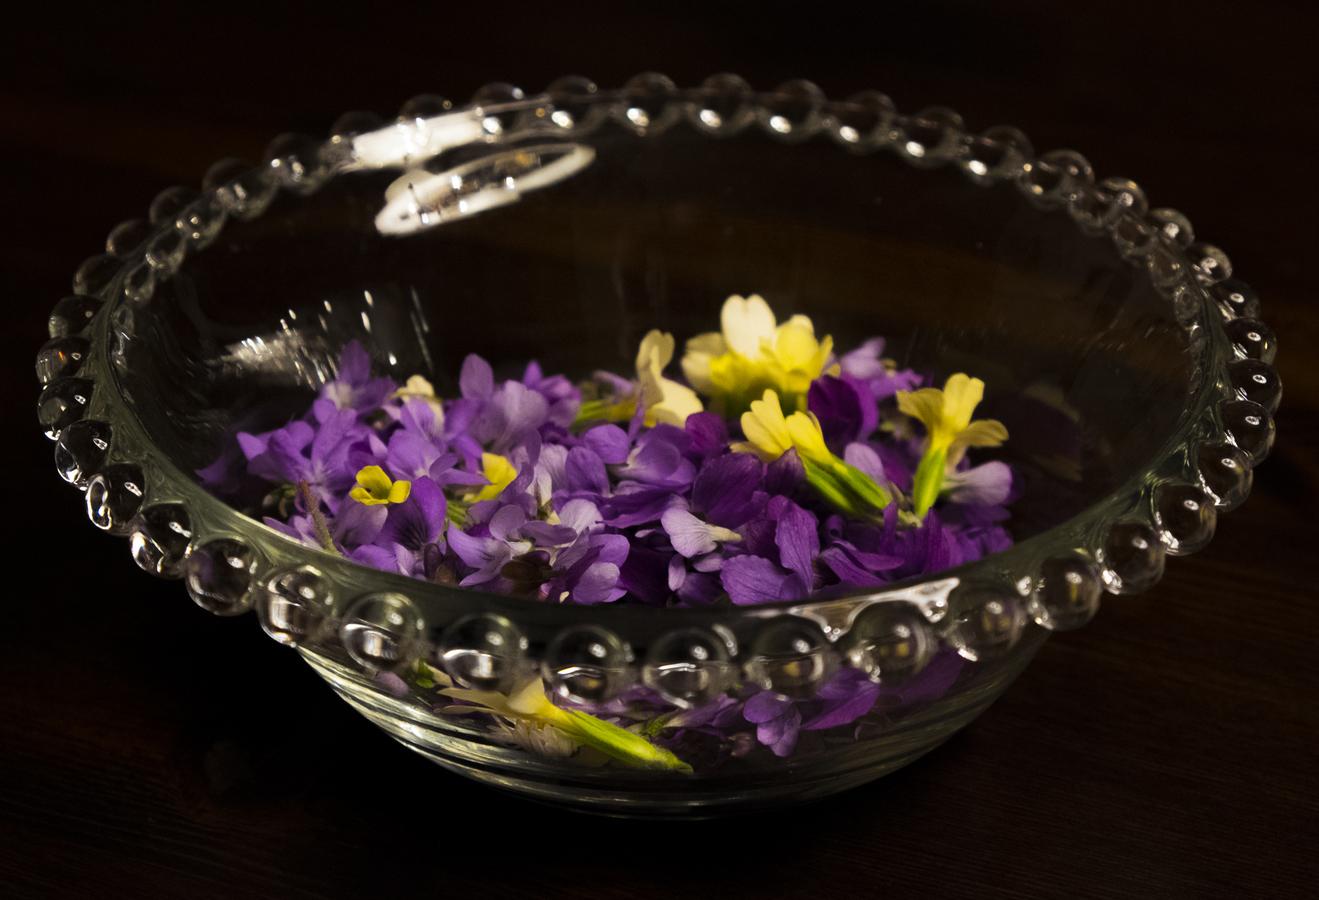 kvetinový šalát II.